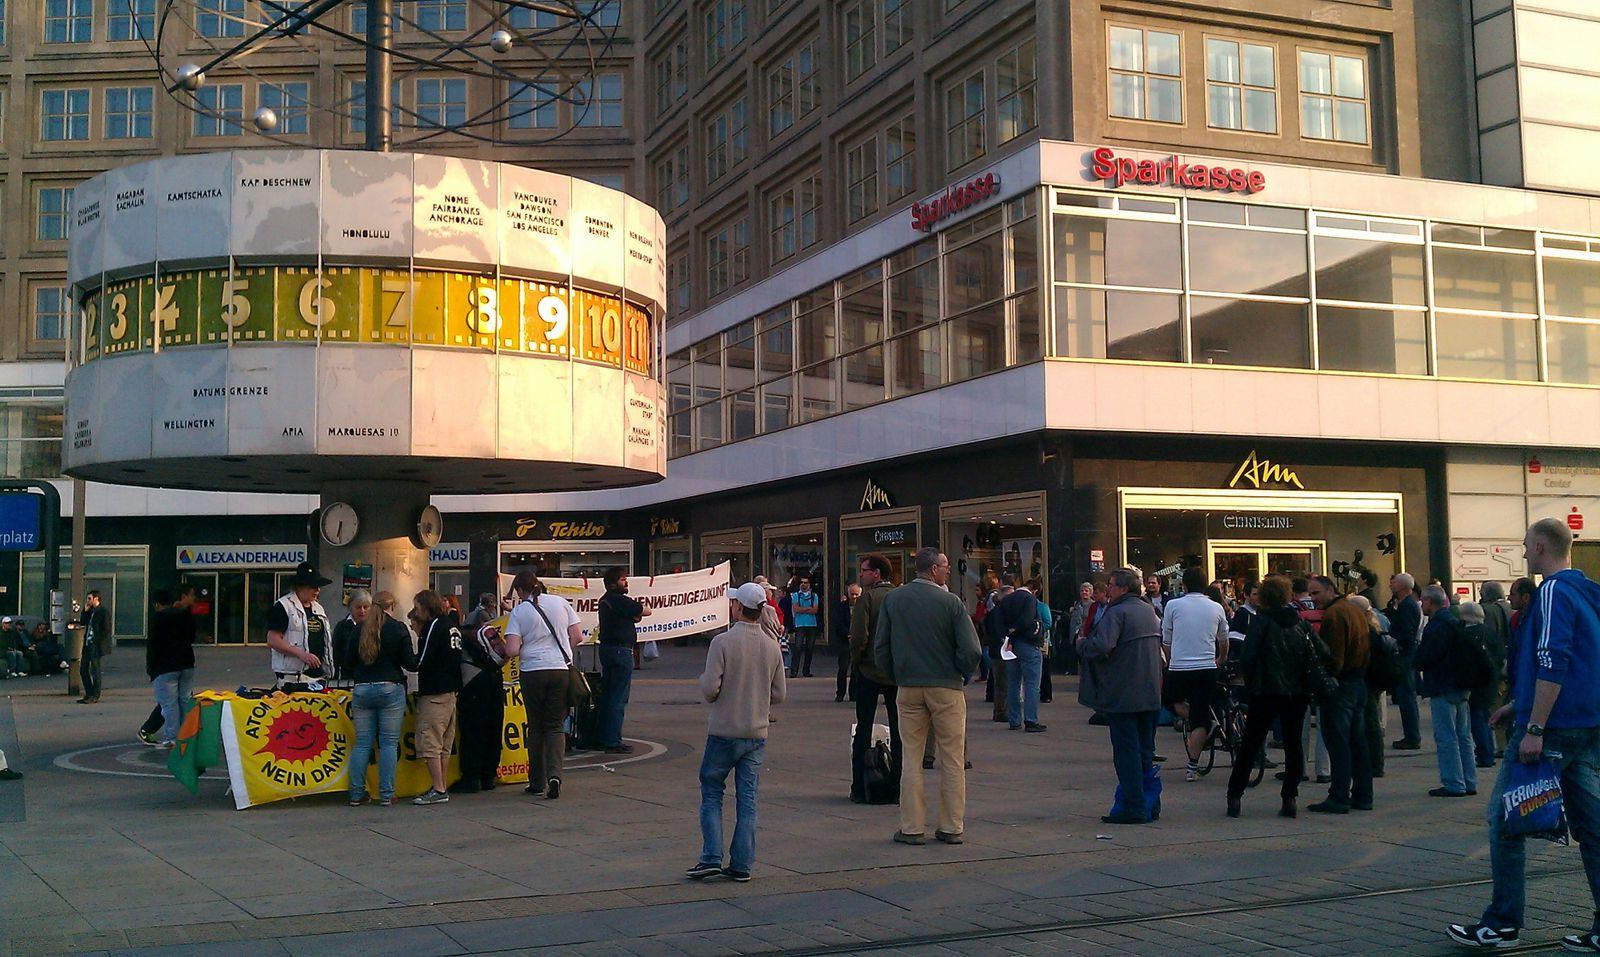 http://idata.over-blog.com/1/58/52/23/Berlin/IMAG0030.jpg